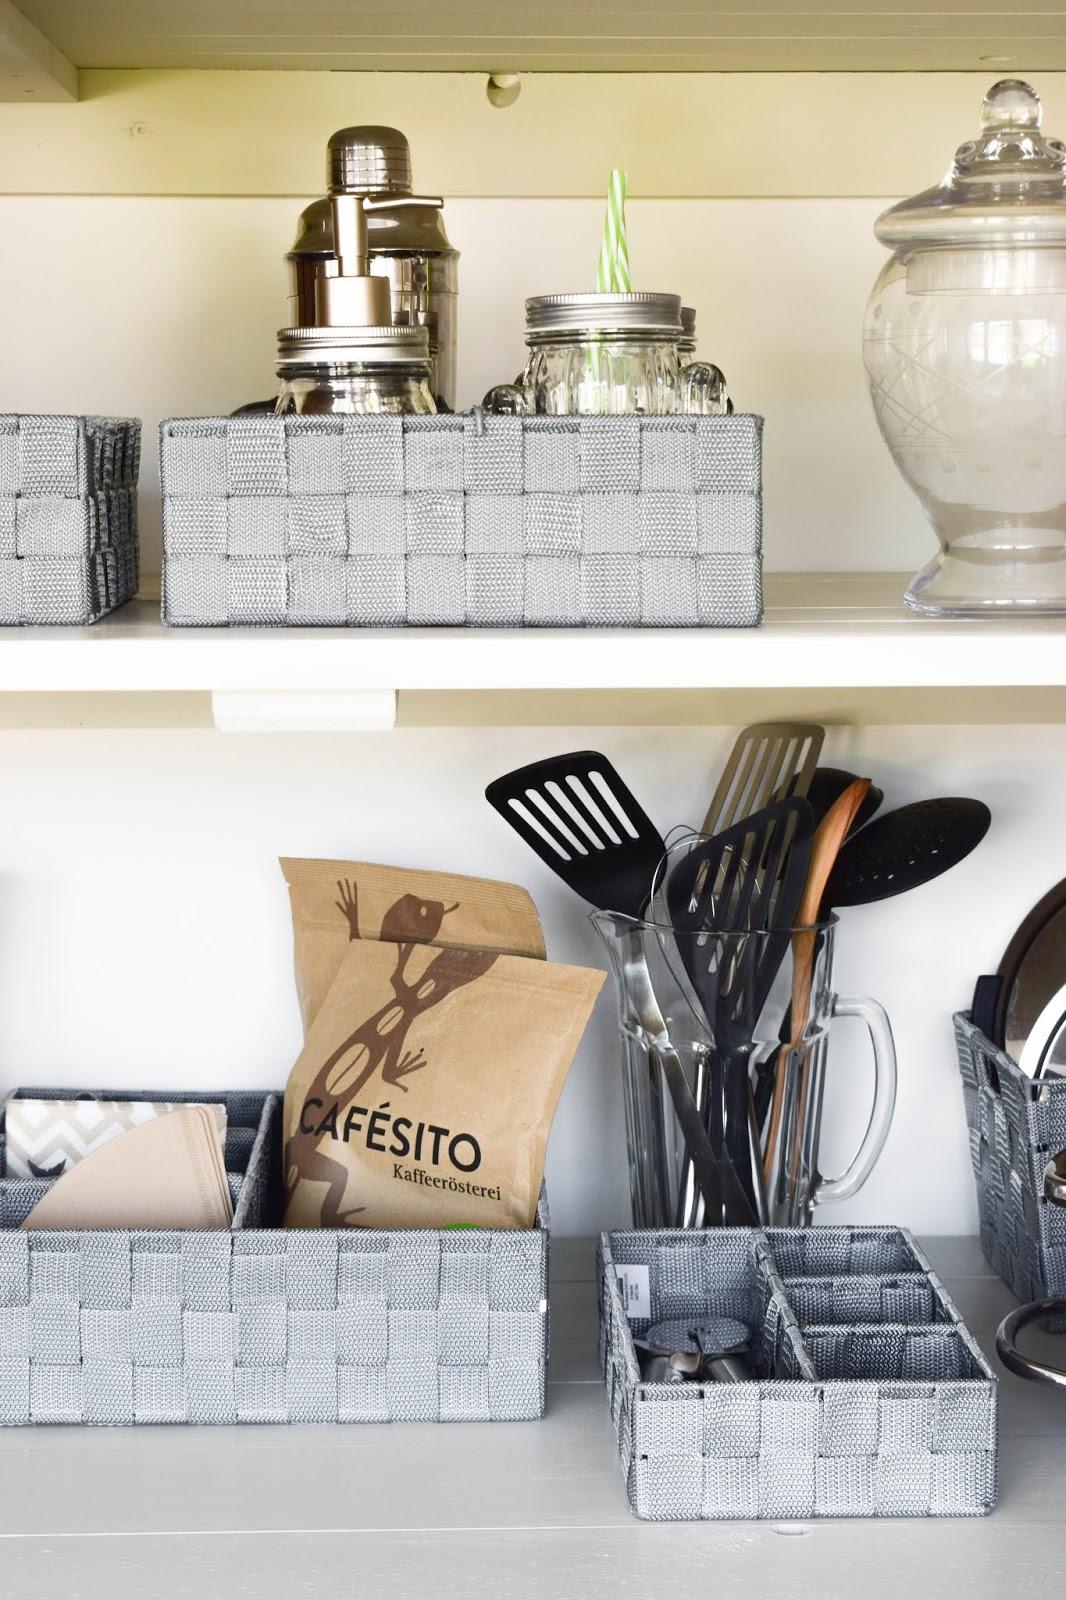 Aufbewahrung mit WENKO:Aufbewahrungskorb Küchenorganizer Ideen praktisch kueche organisieren schrank vorratsraum Werbung